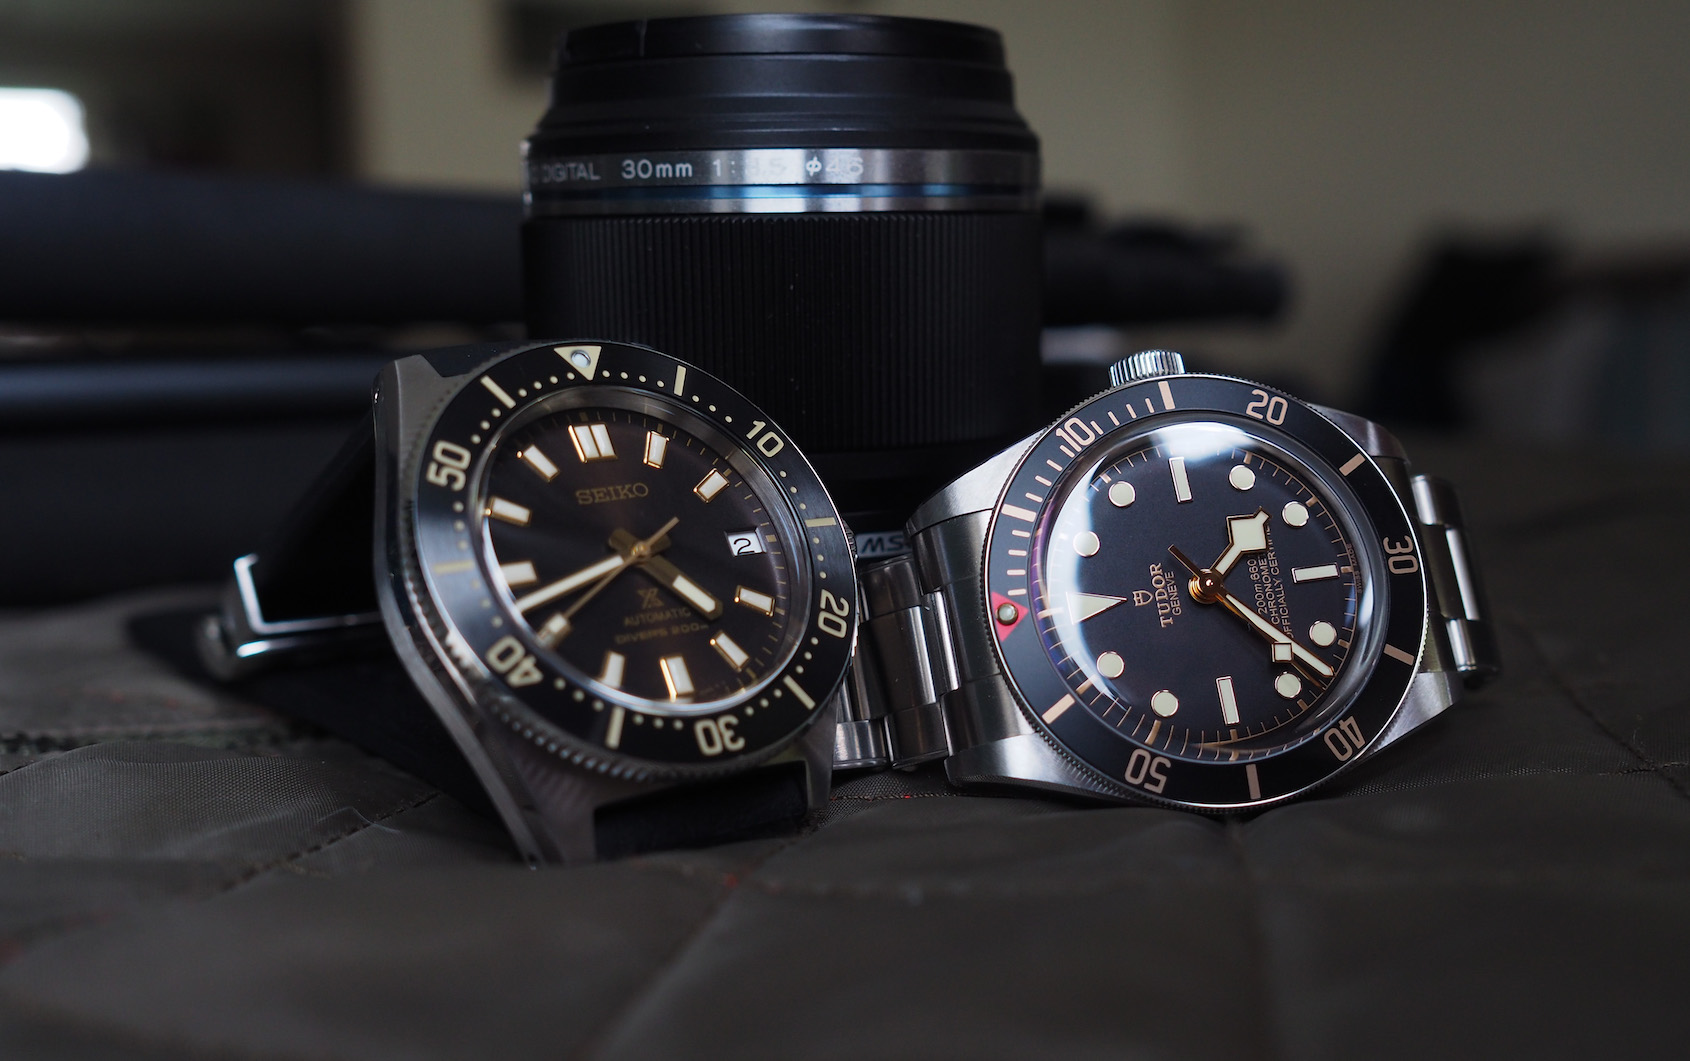 Tudor Black Bay 58 Vs. Seiko Prospex SPB147